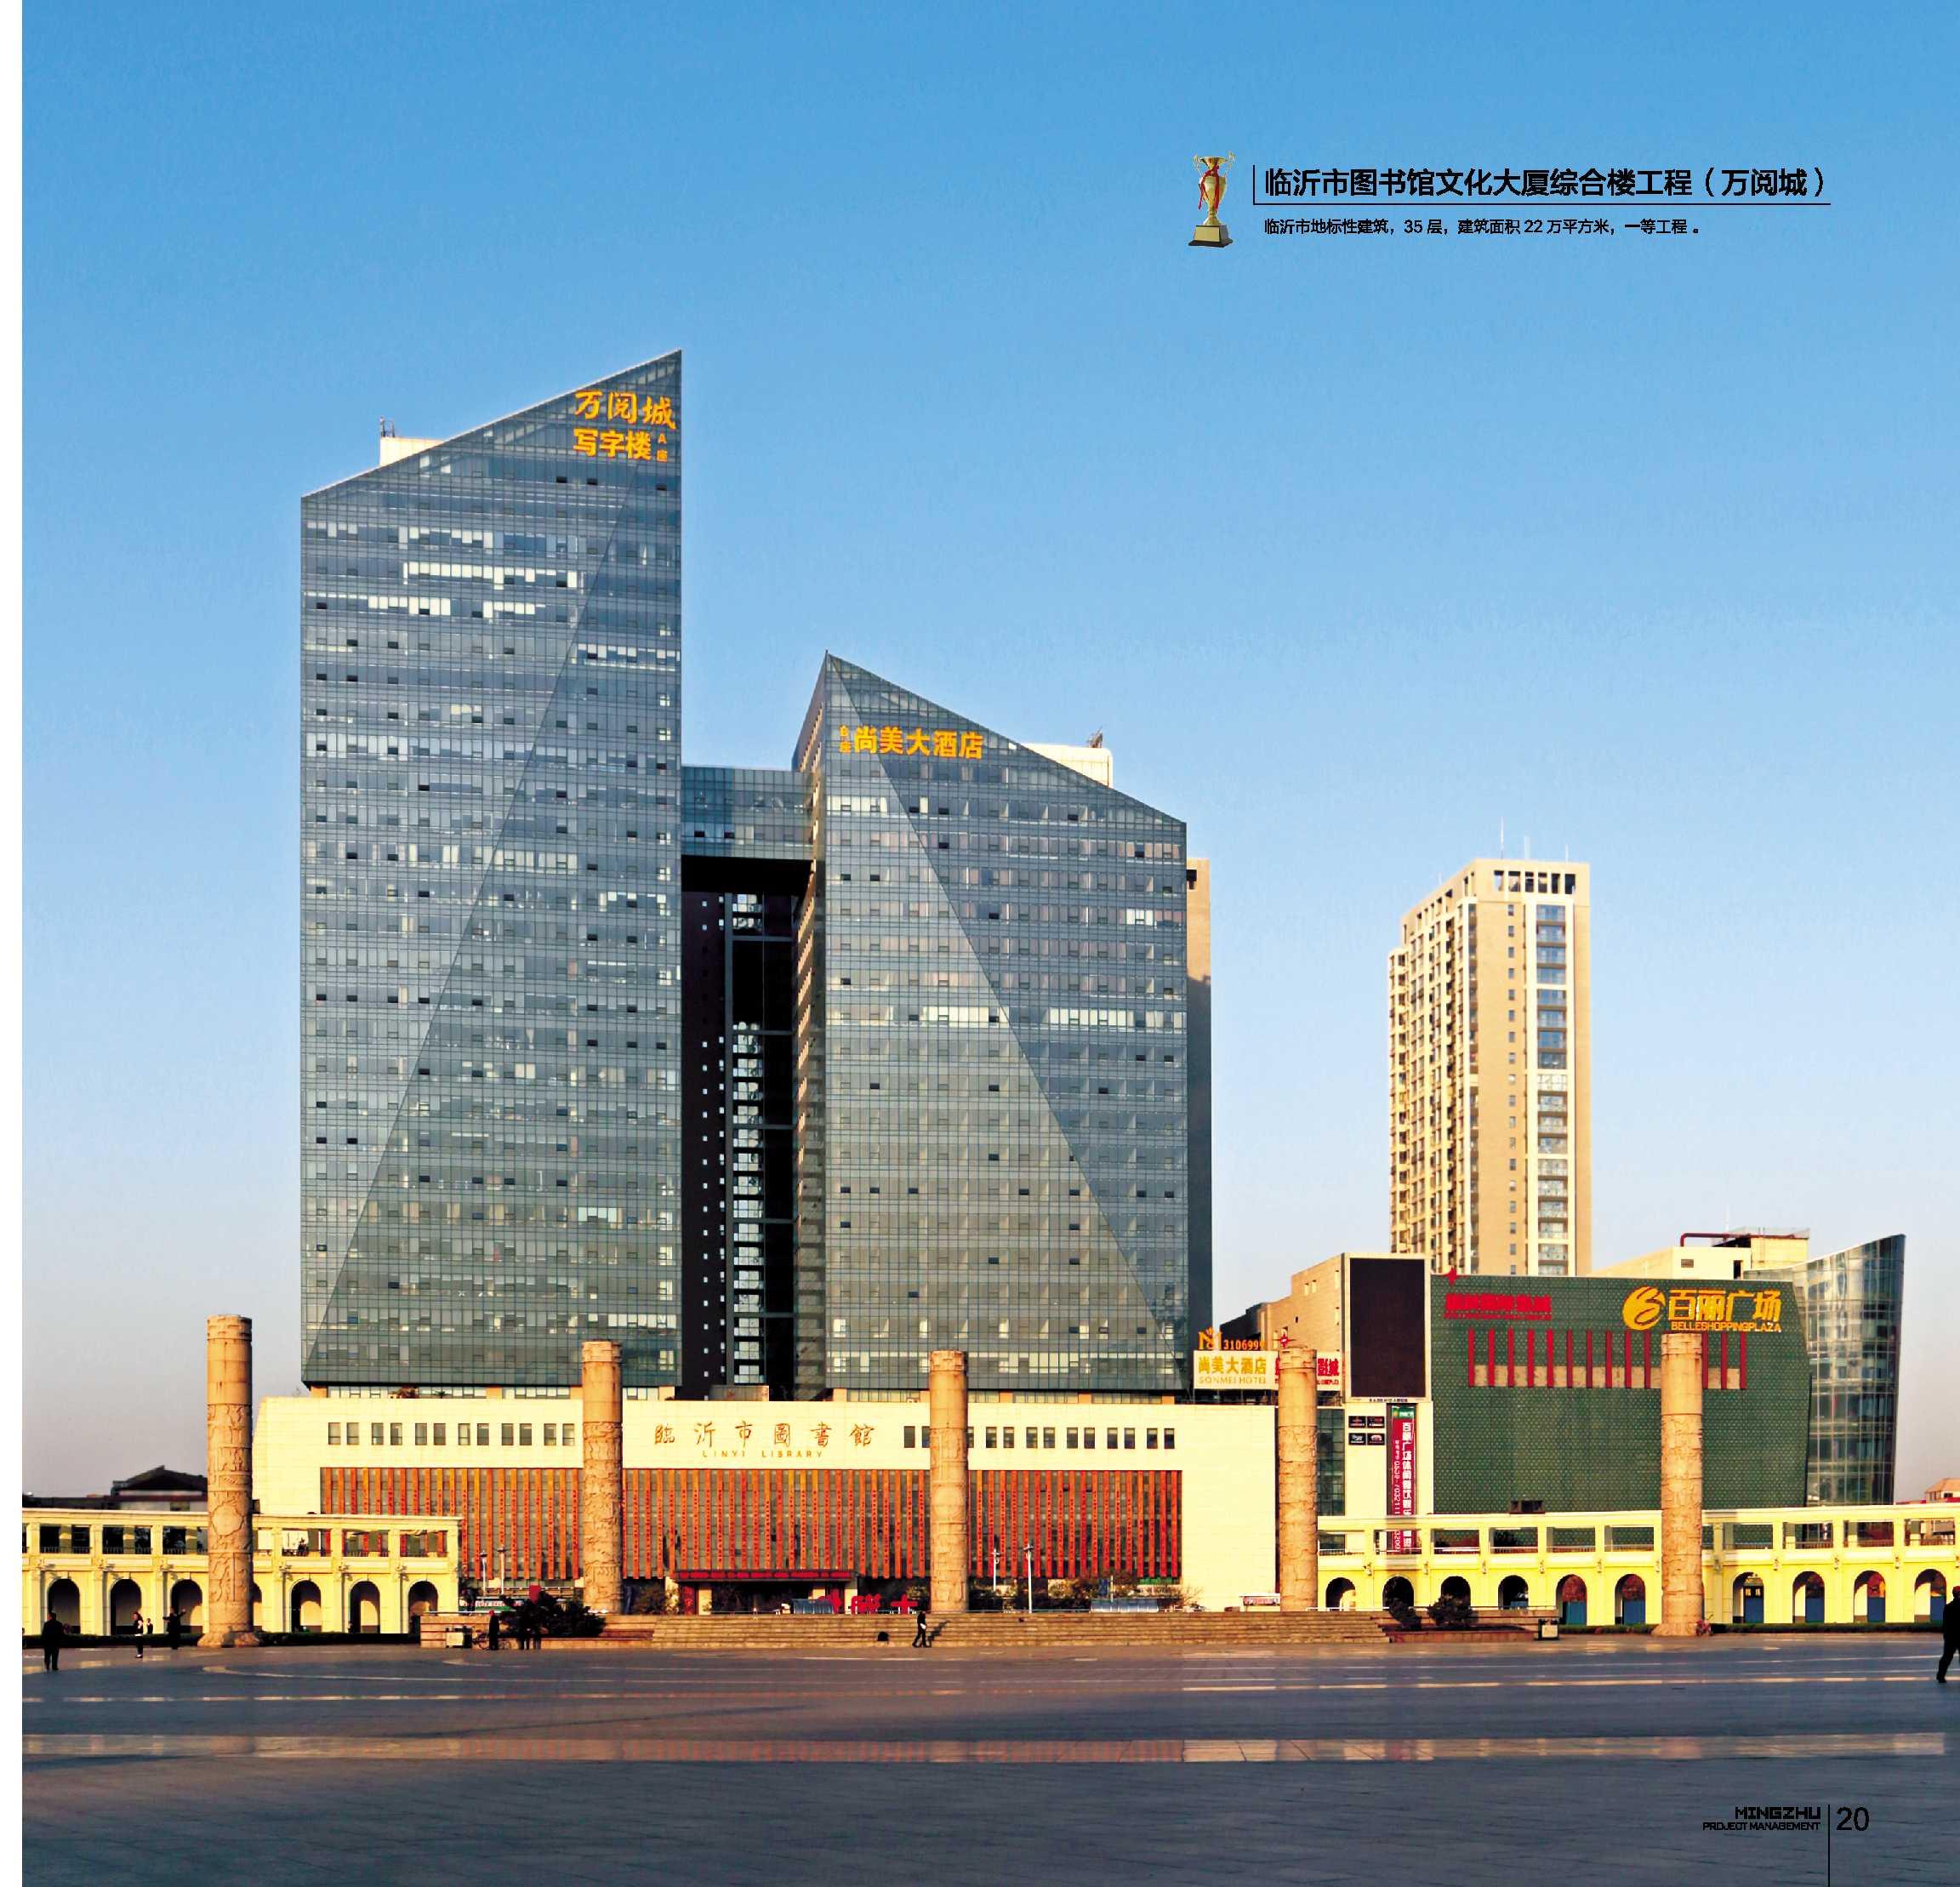 临沂市图书馆文化大厦综合楼工程